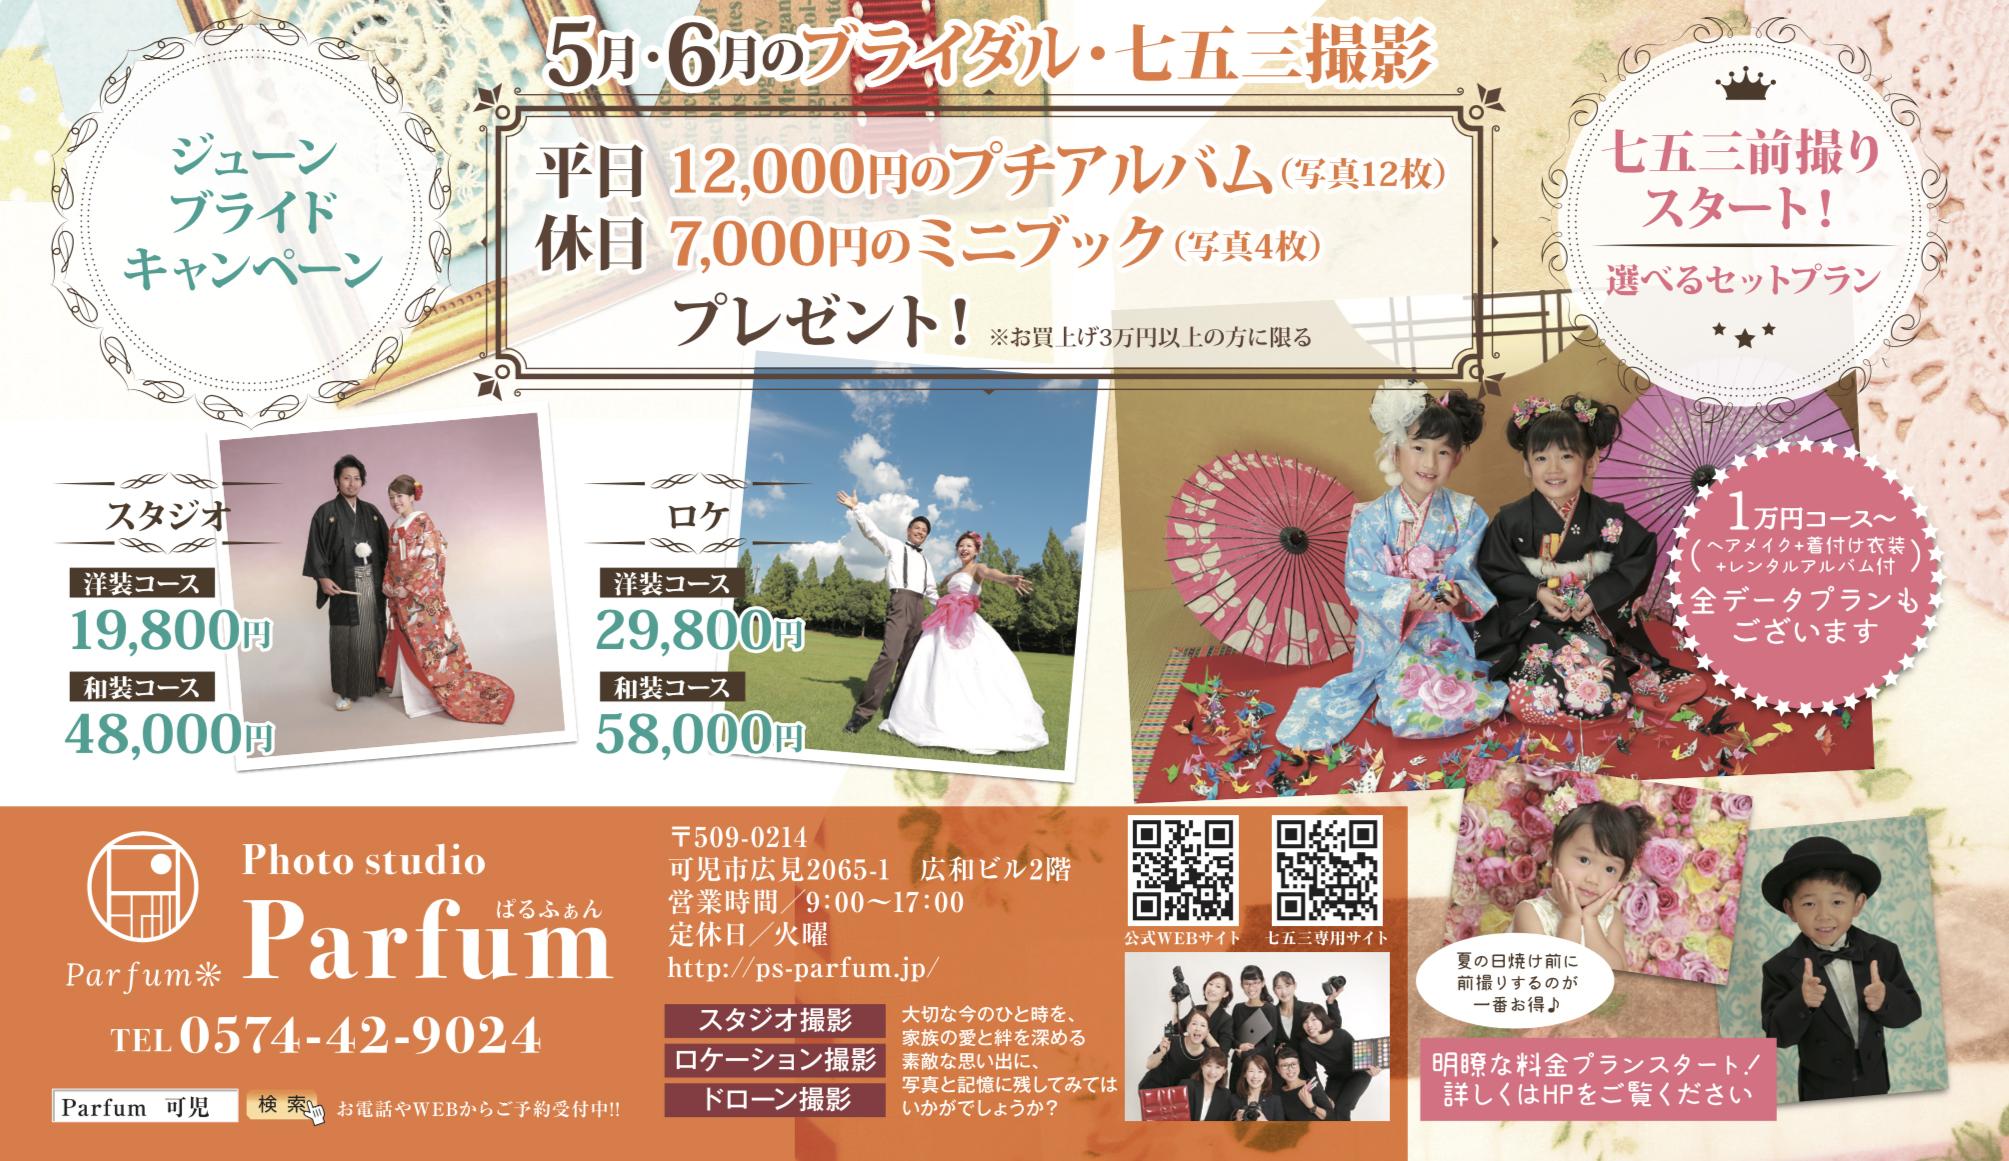 【キャンペーン】5月6月はブライダル・七五三撮影がお得!